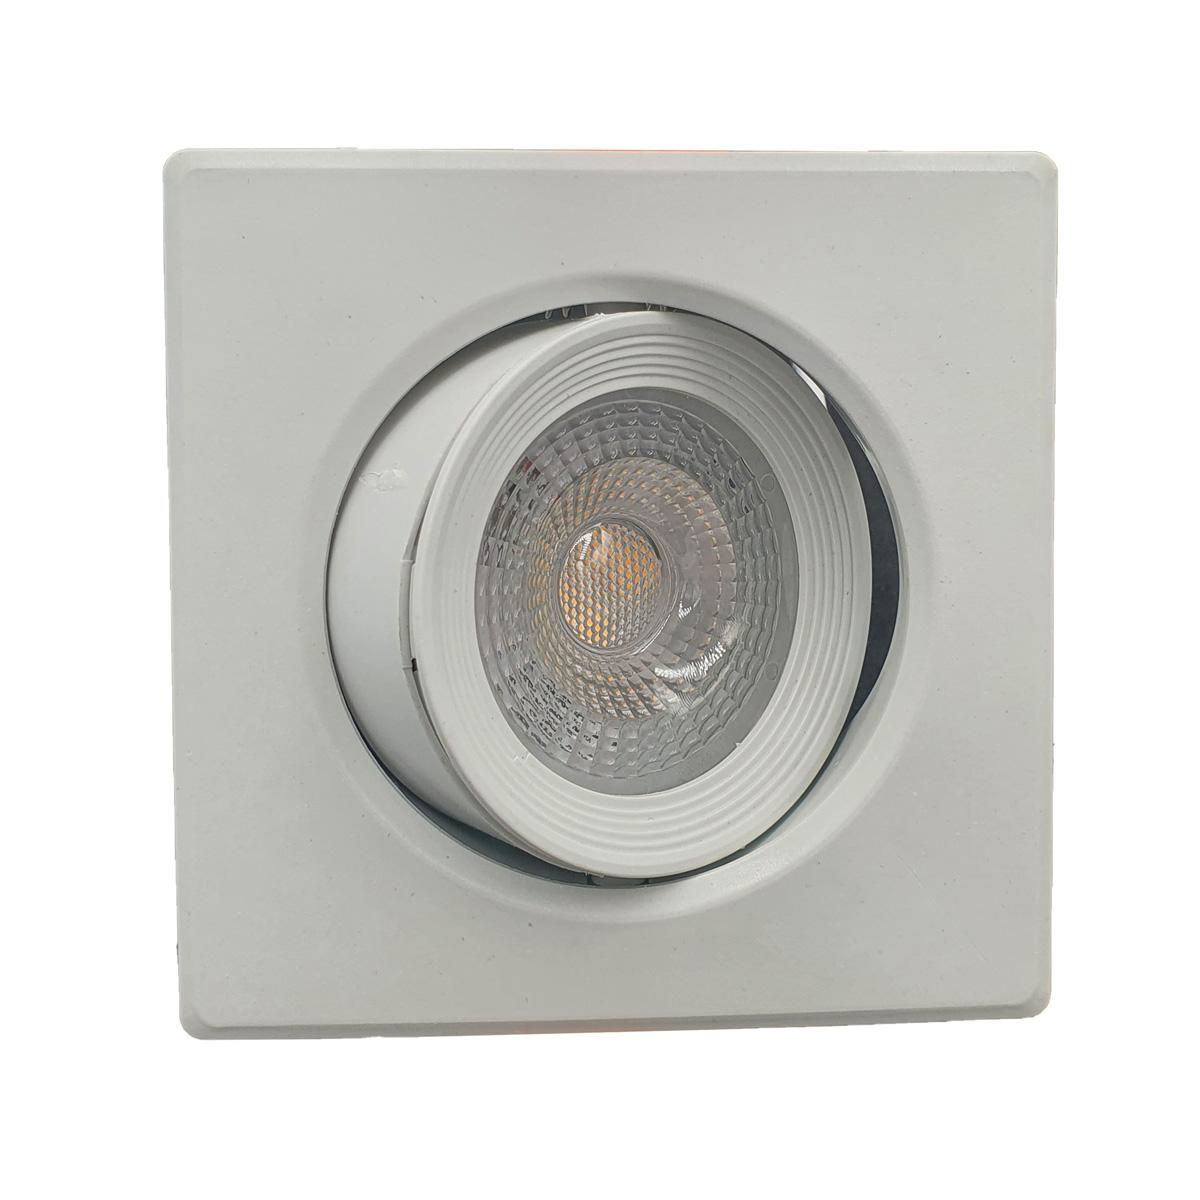 Kit 5 Spots LED SMD 5w Dicróica Direcionável Quadrado Forte Luz Quente 3000K